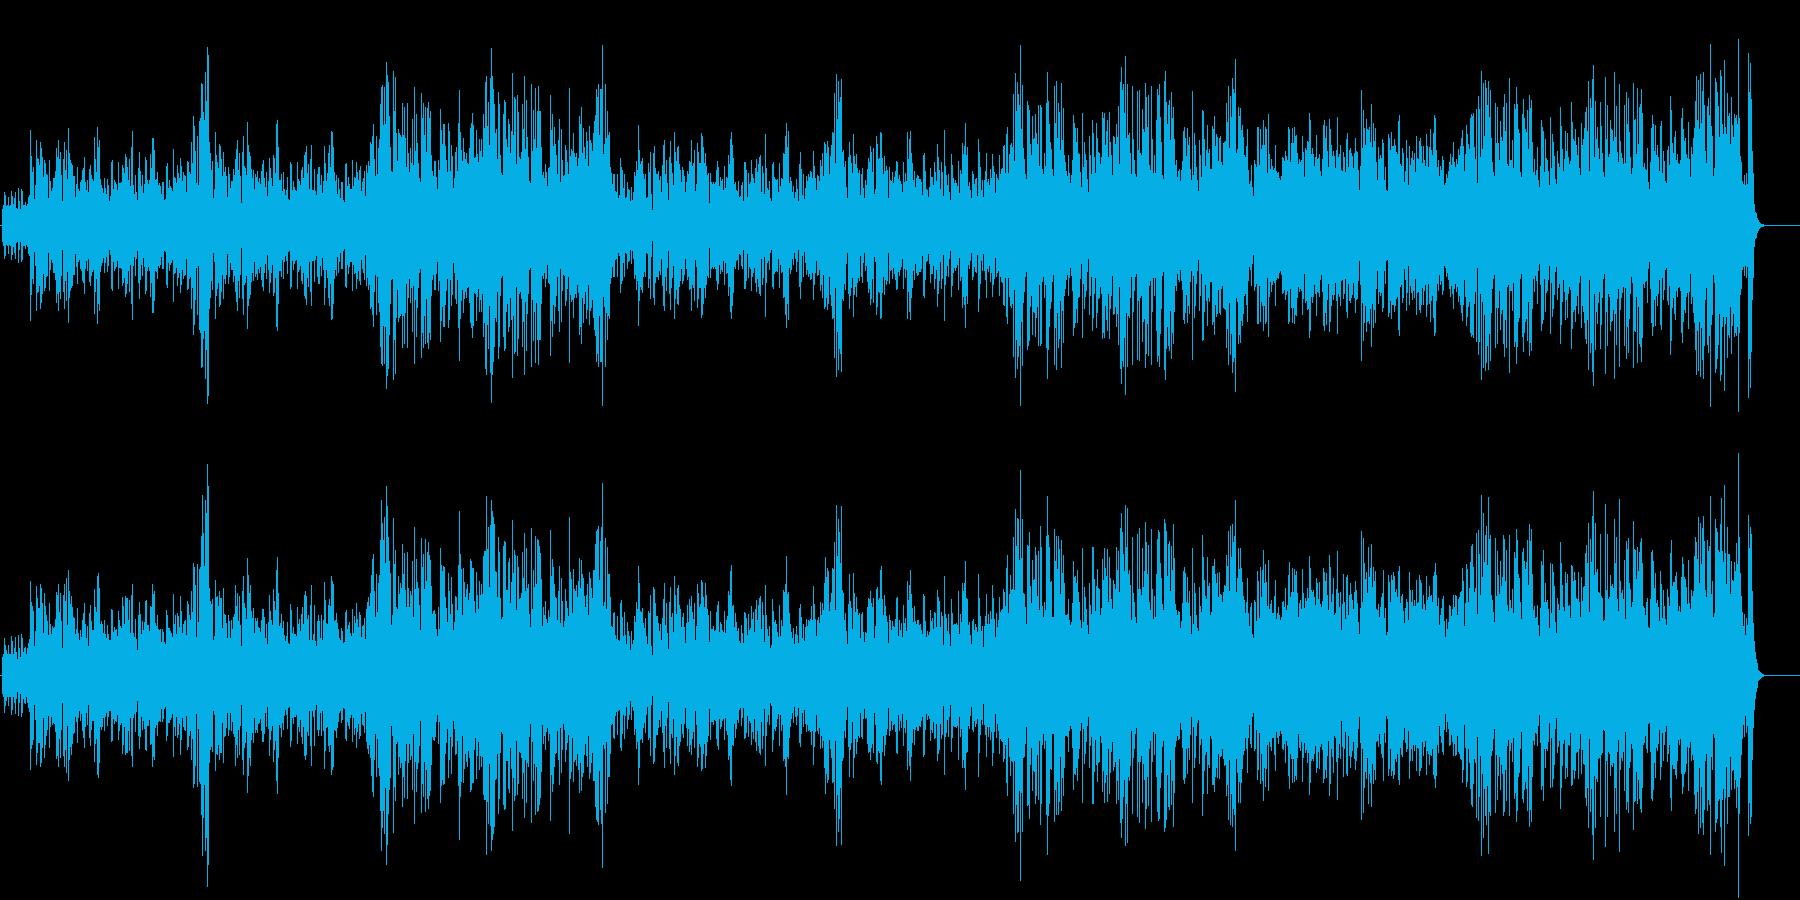 STEP GIRL/ステップ・ガールの再生済みの波形